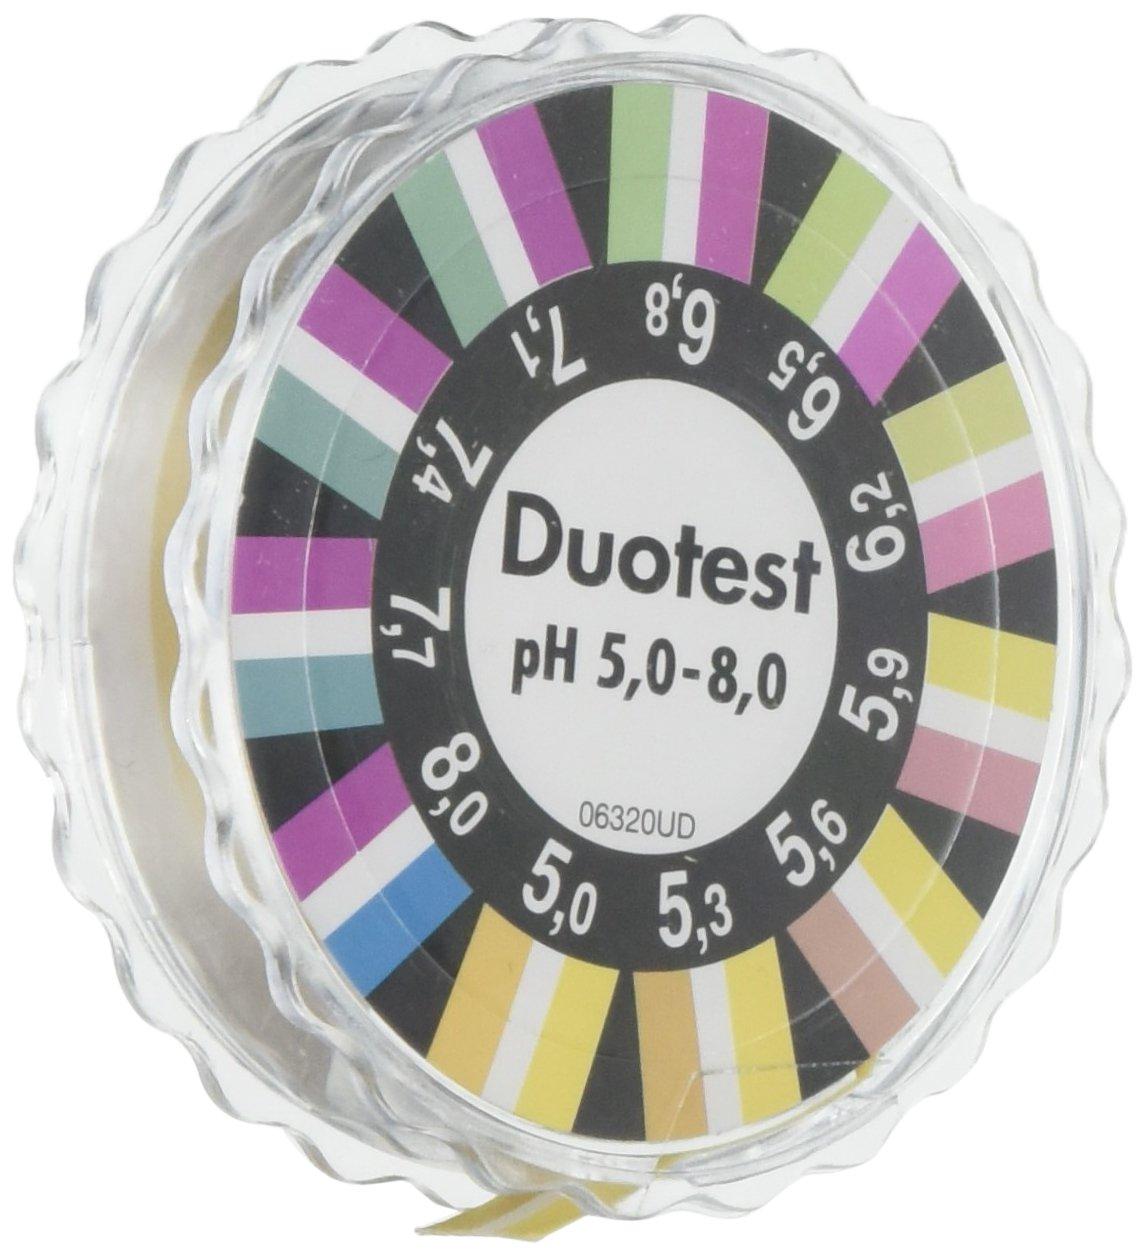 Camlab 1138826 Duotest PH 5.0– 8.0 Bande, bobine de 5 m X 10 mm bobine de 5m X 10mm